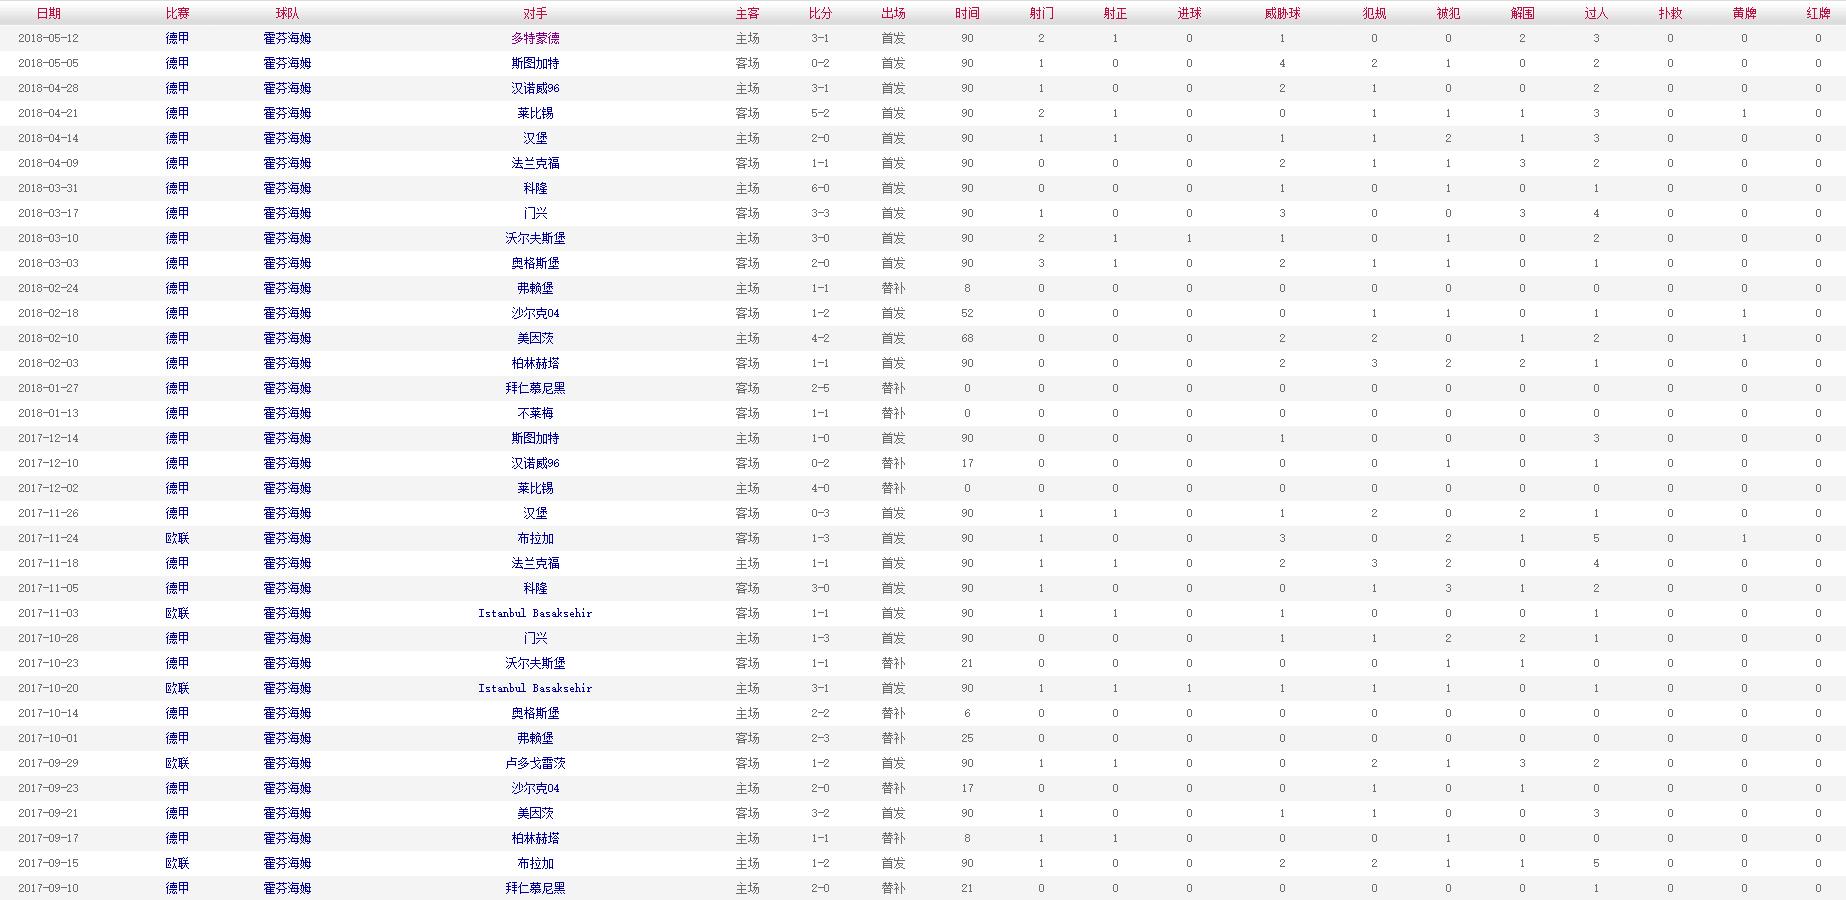 舒尔茨 2017-2018赛季比赛数据